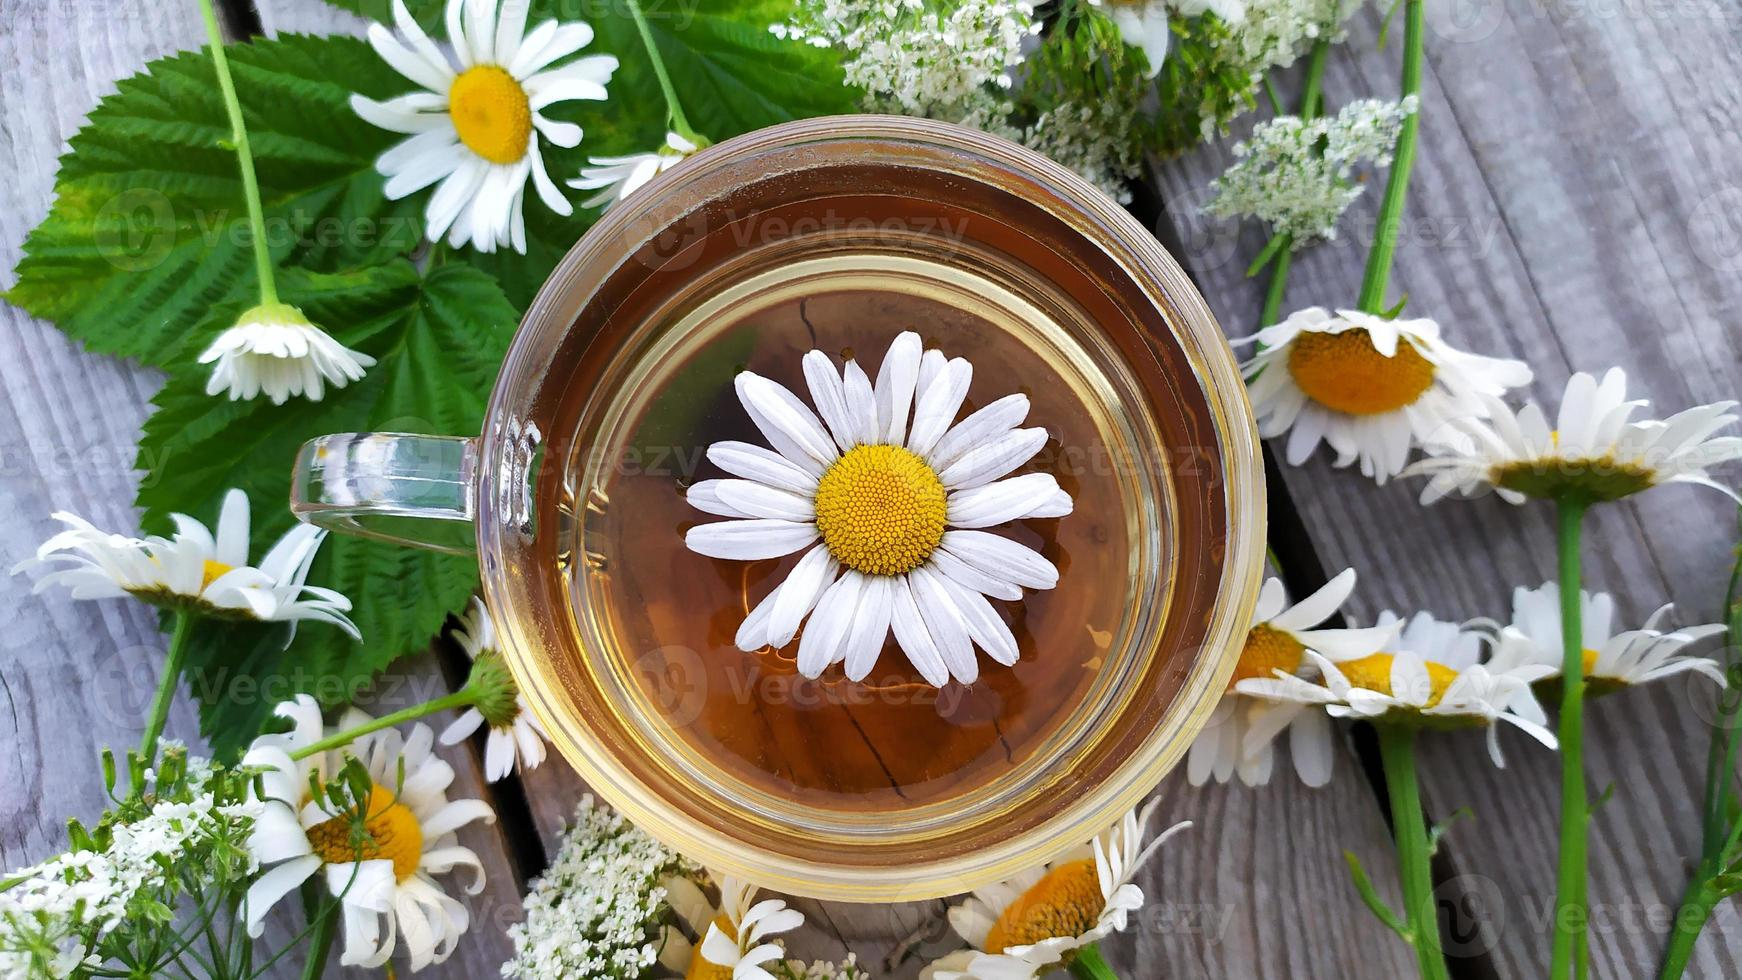 kamomillte. blommor, blad och en kopp med te på en träbakgrund. vy uppifrån. foto